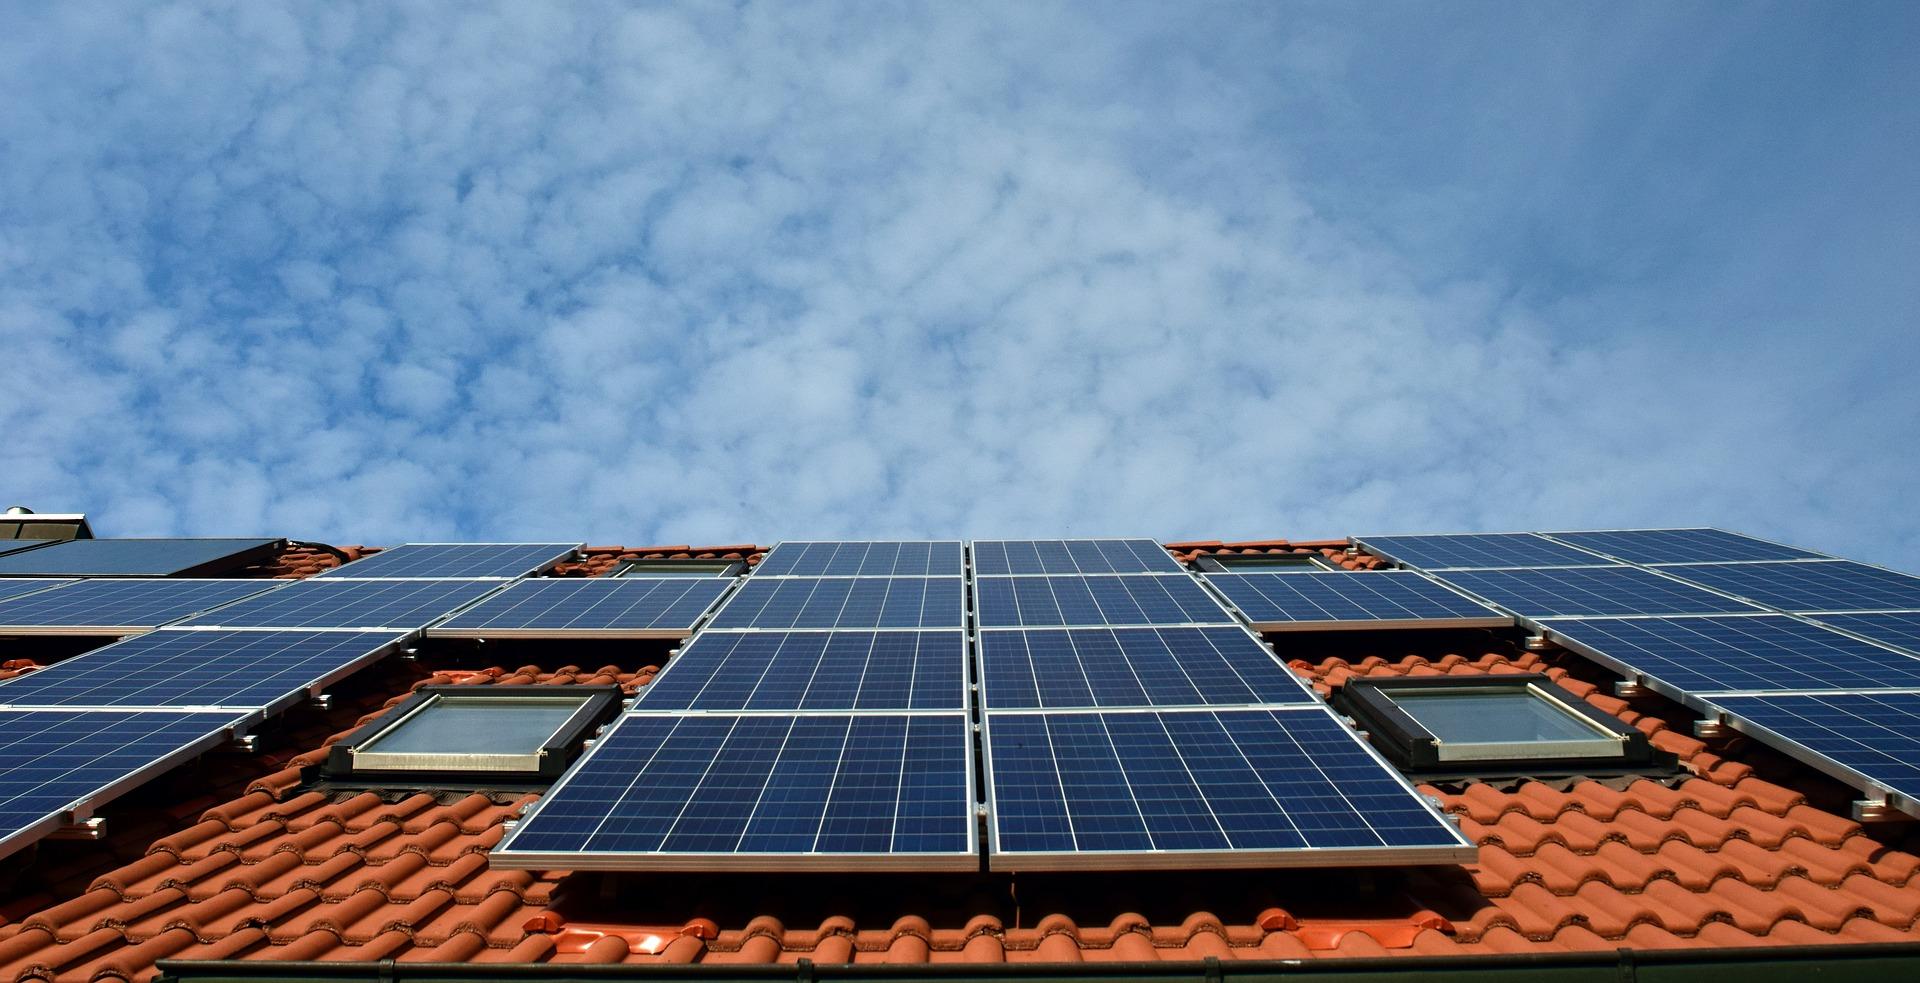 Panneaux Solaires : Une Maison Plus écolo